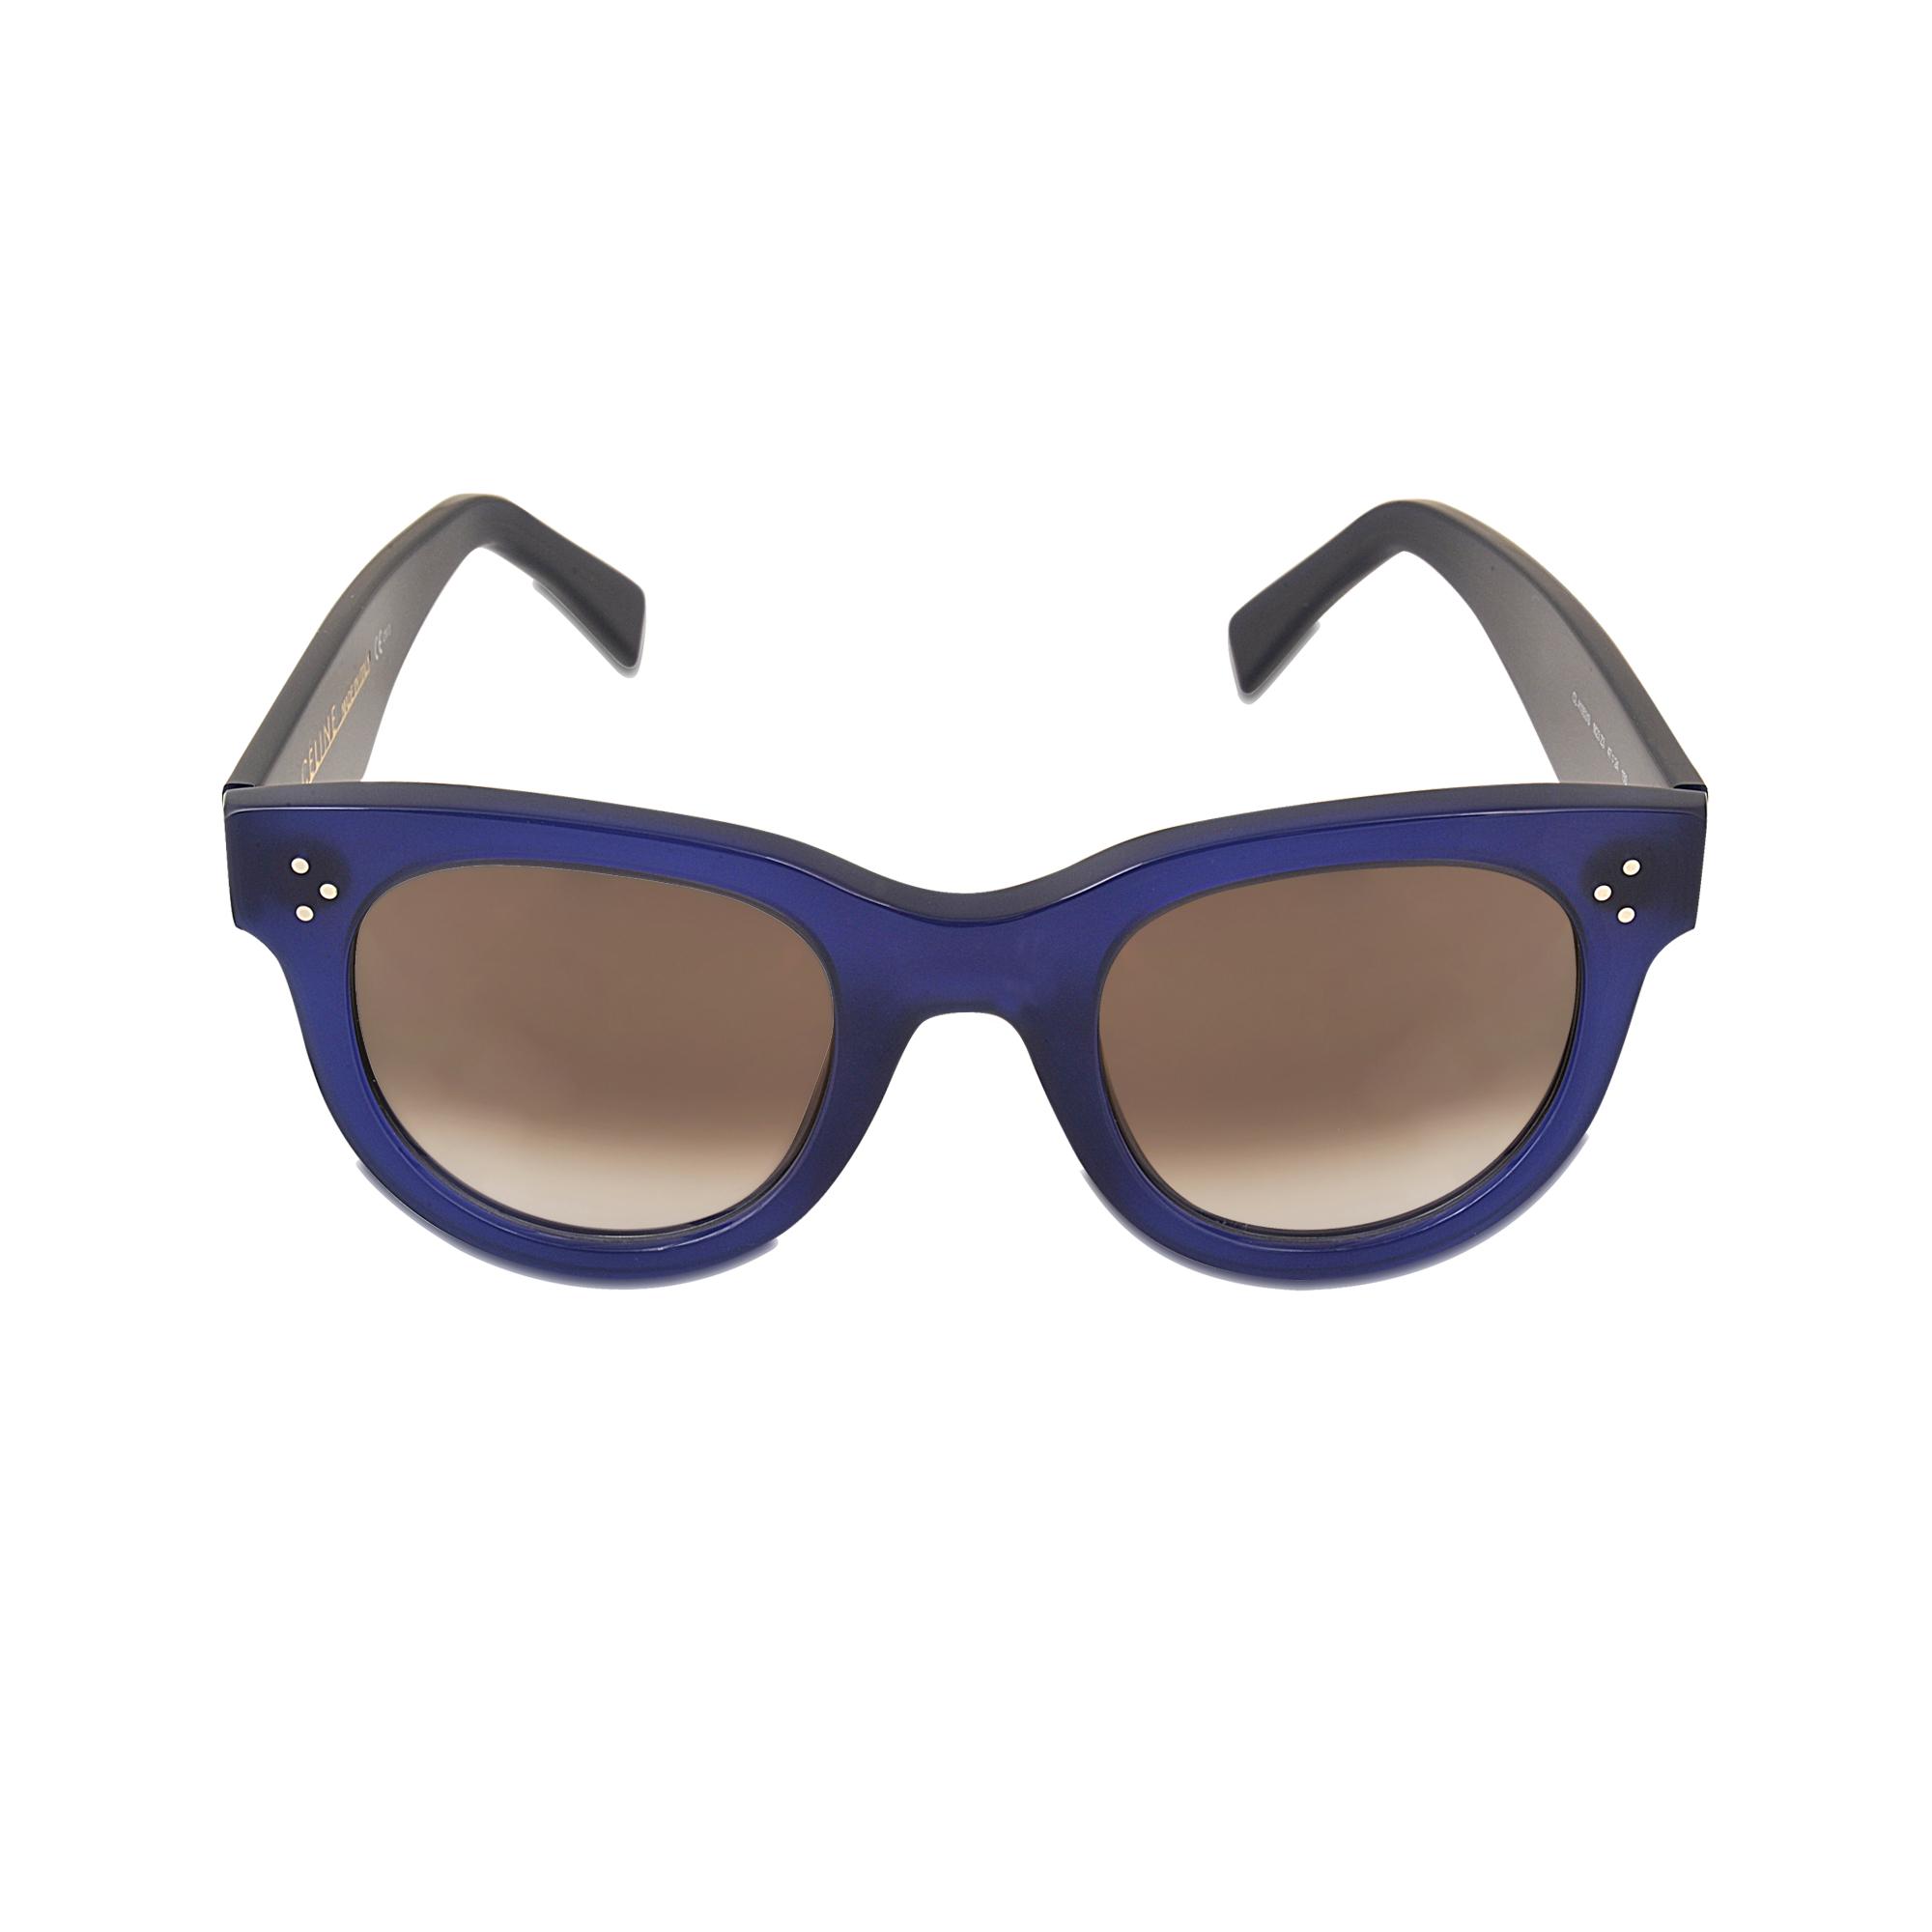 93c007b1bd7 Lyst - Céline Cl 41053 s Baby Audrey Sunglasses in Blue